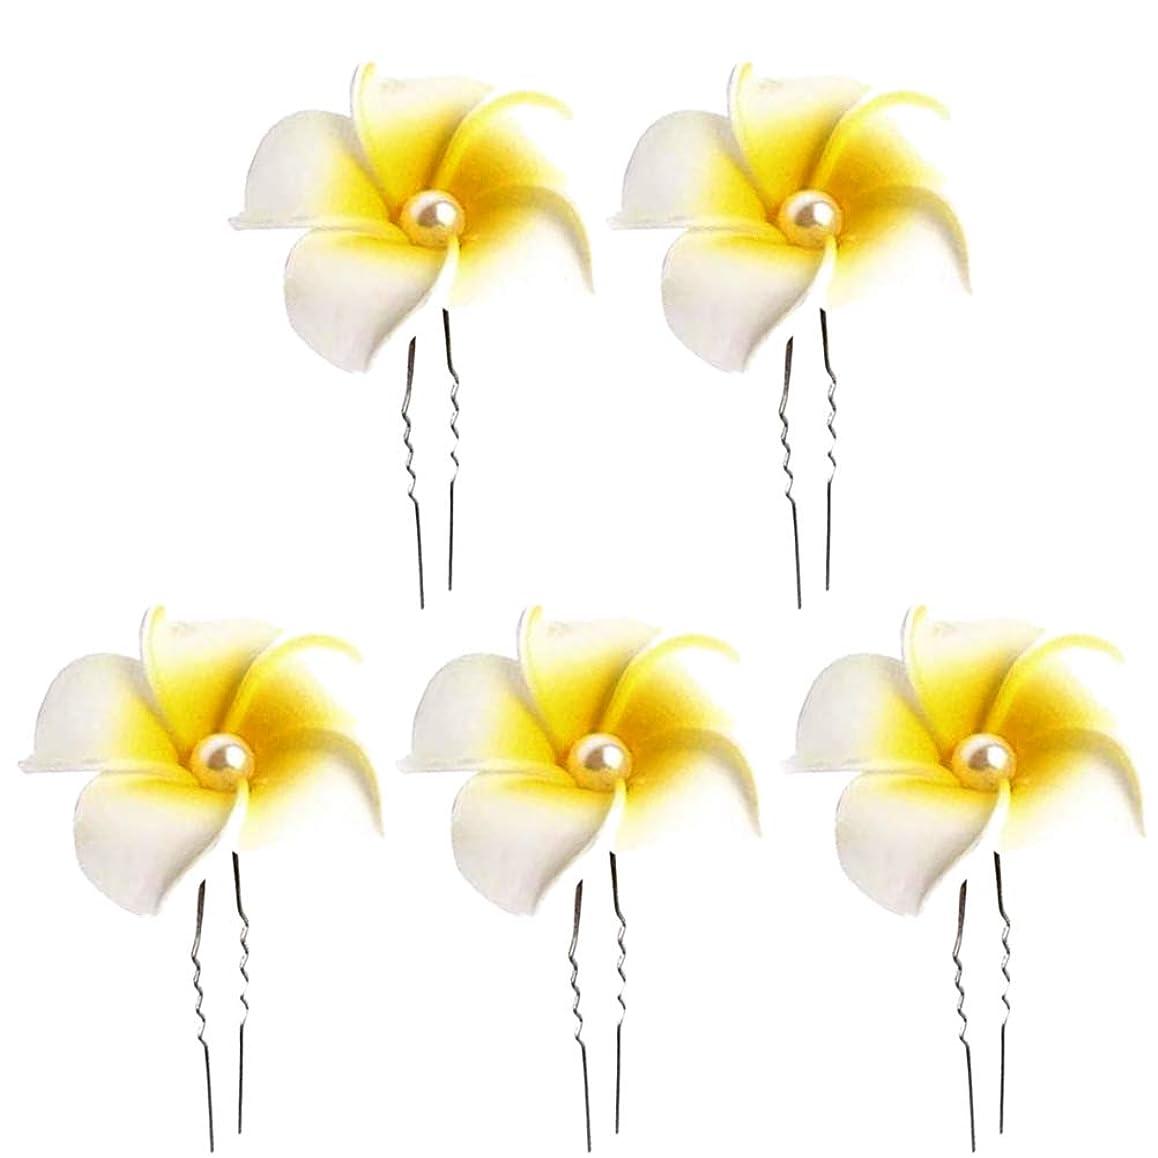 長いですあなたは不利益Frcolor お花 ヘアピン Uピン プルメリア パール付 ヘアアクセサリー ハワイ 髪飾り ヘッドドレス 4.5cm 5本セット